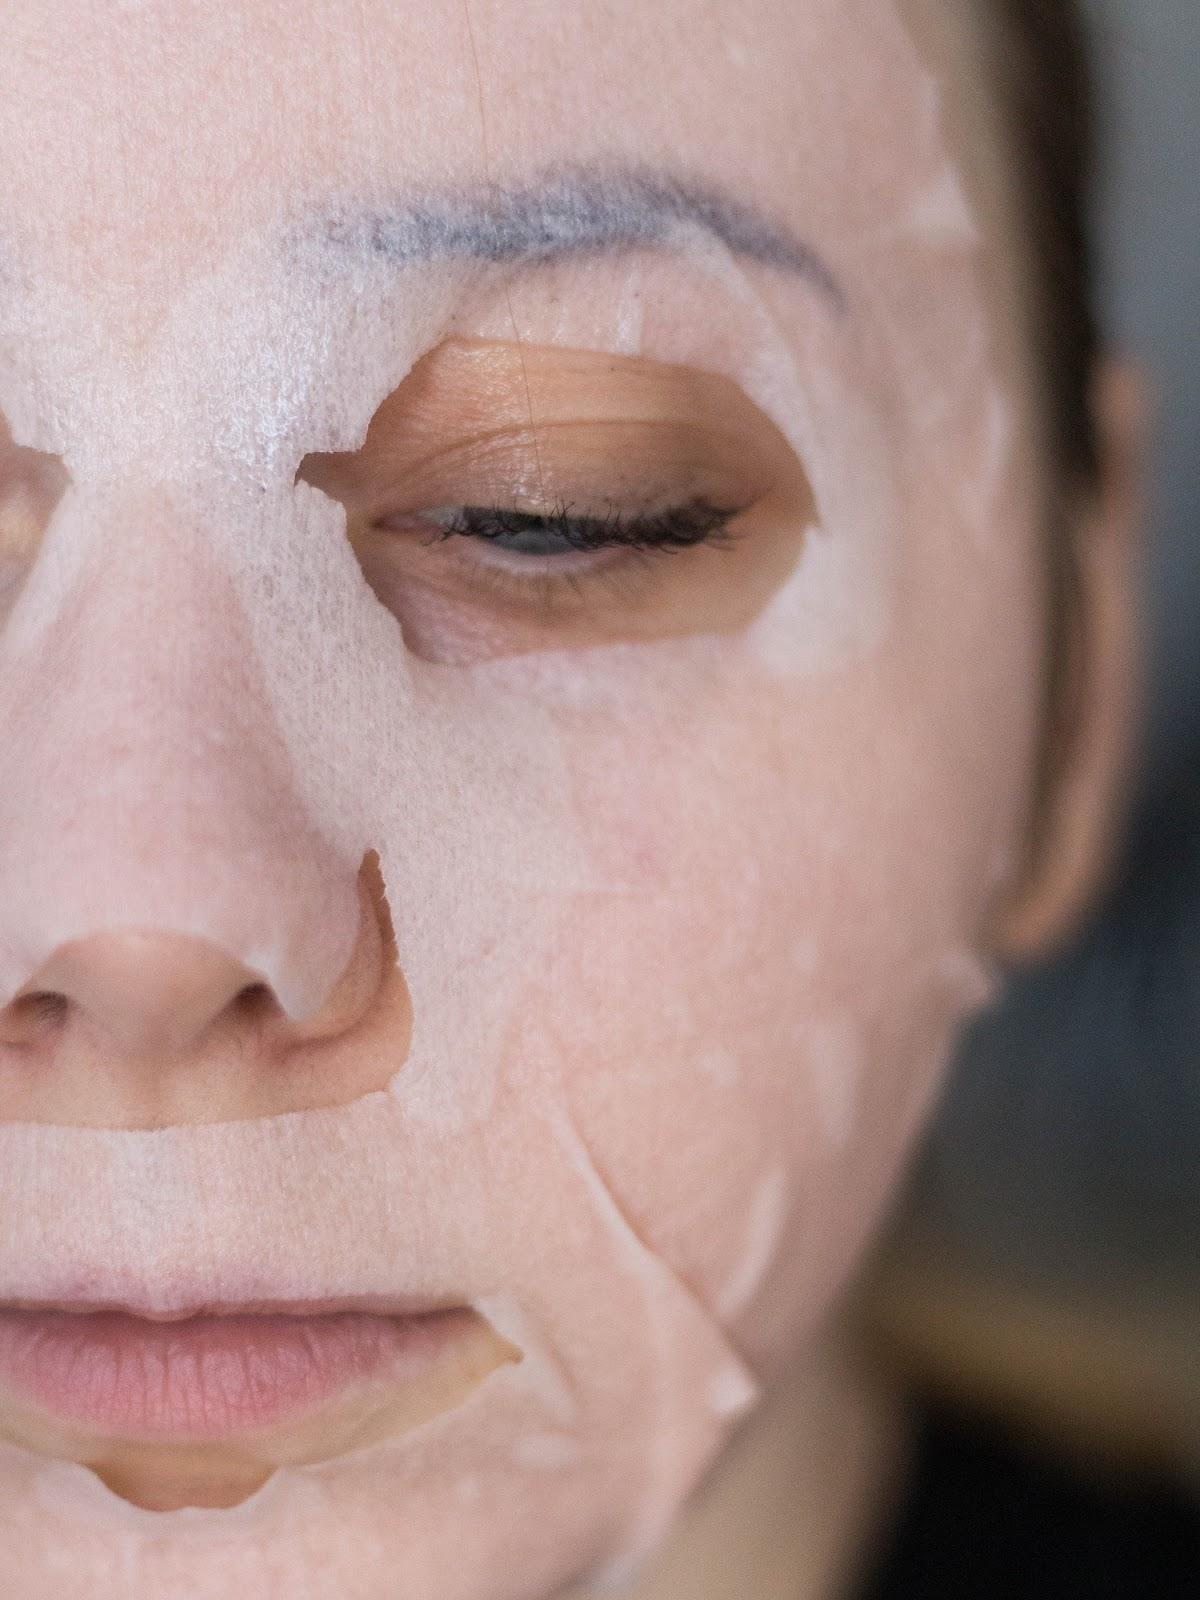 koreanskie-kosmetyki-cosrx-sluz-slimaka-peilegnacja-azjatycka-aloesowy-zel